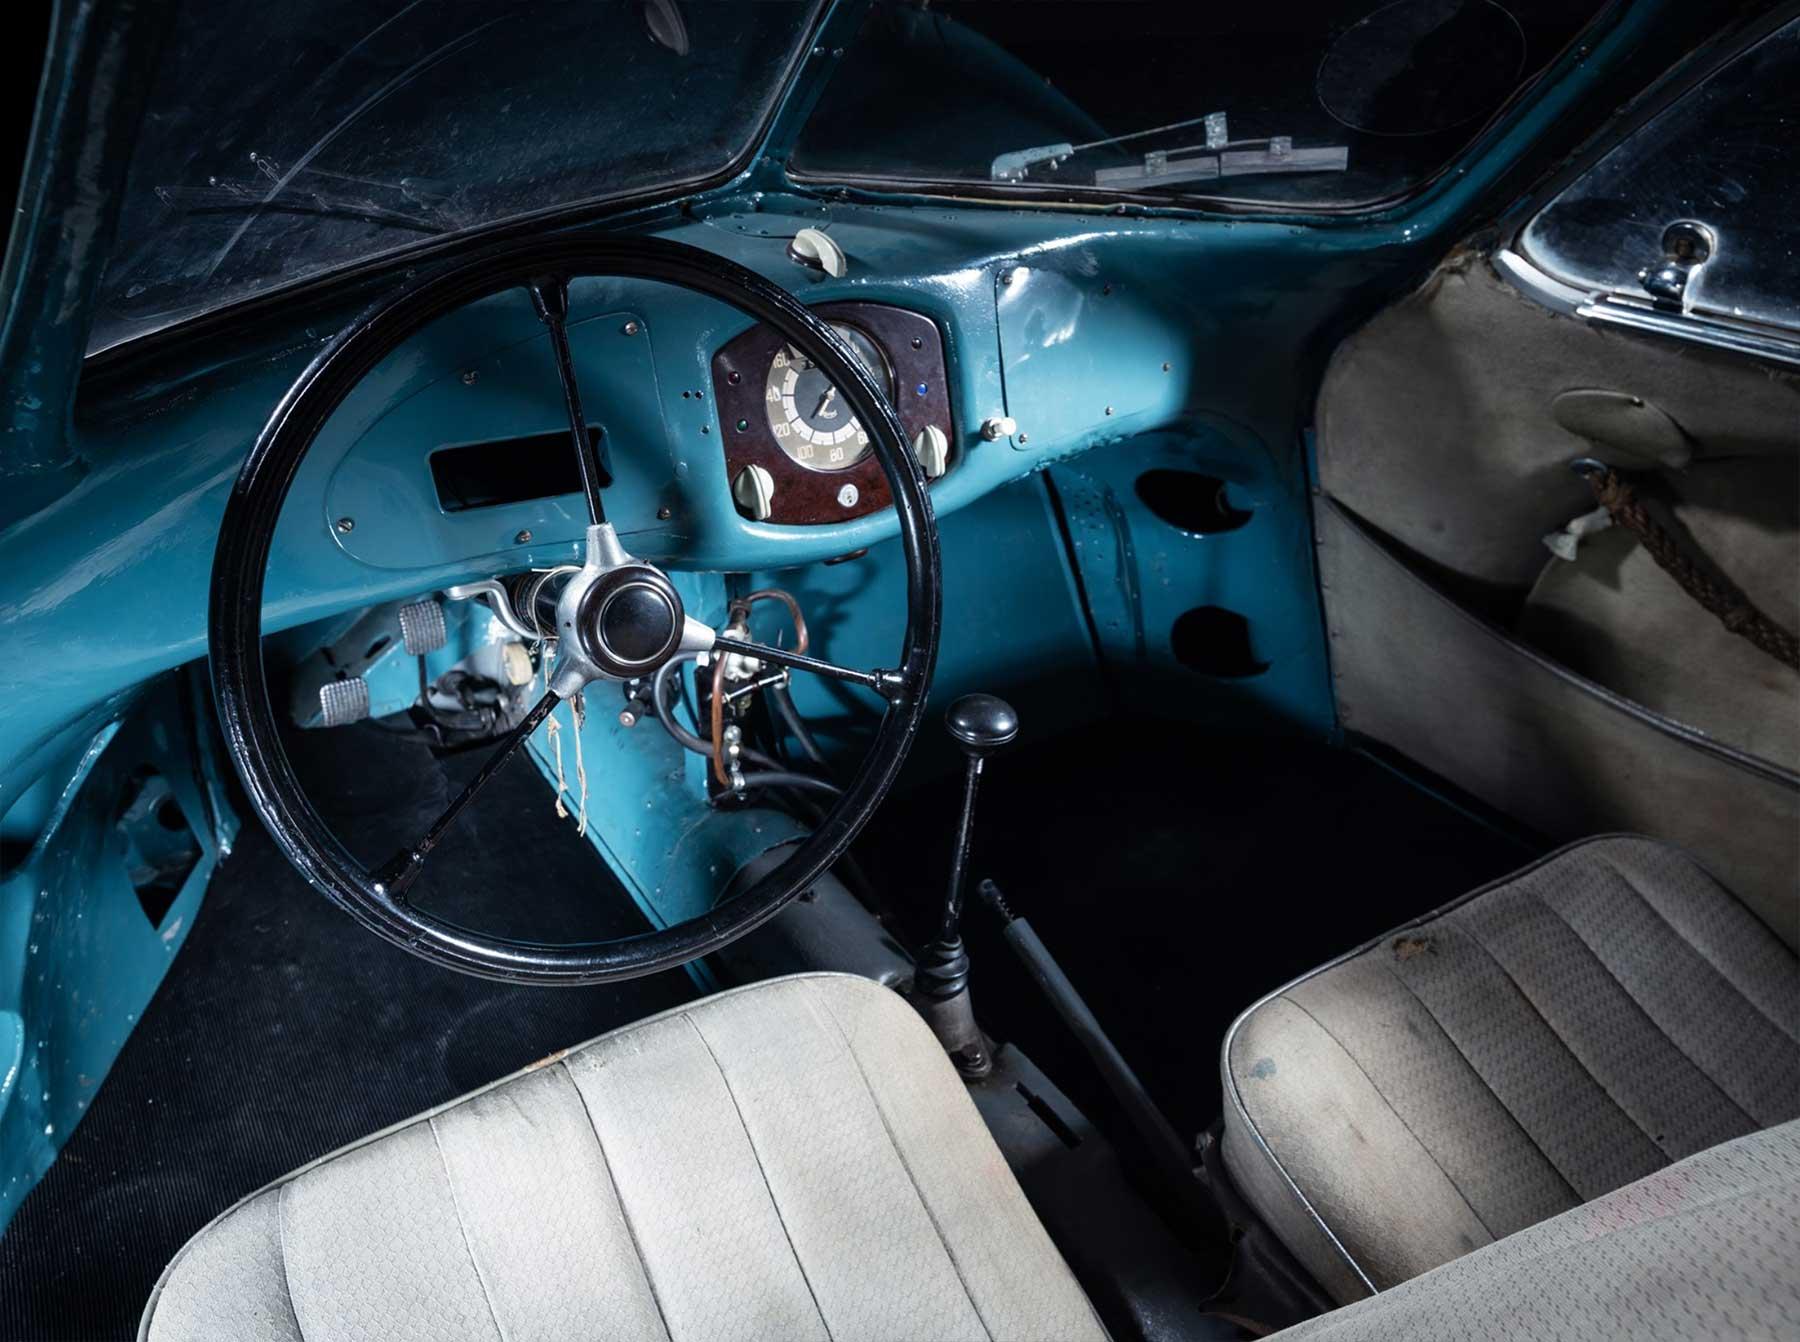 Der älteste und teuerste Porsche der Welt 1939-Porsche-Type-64-sothebys_04